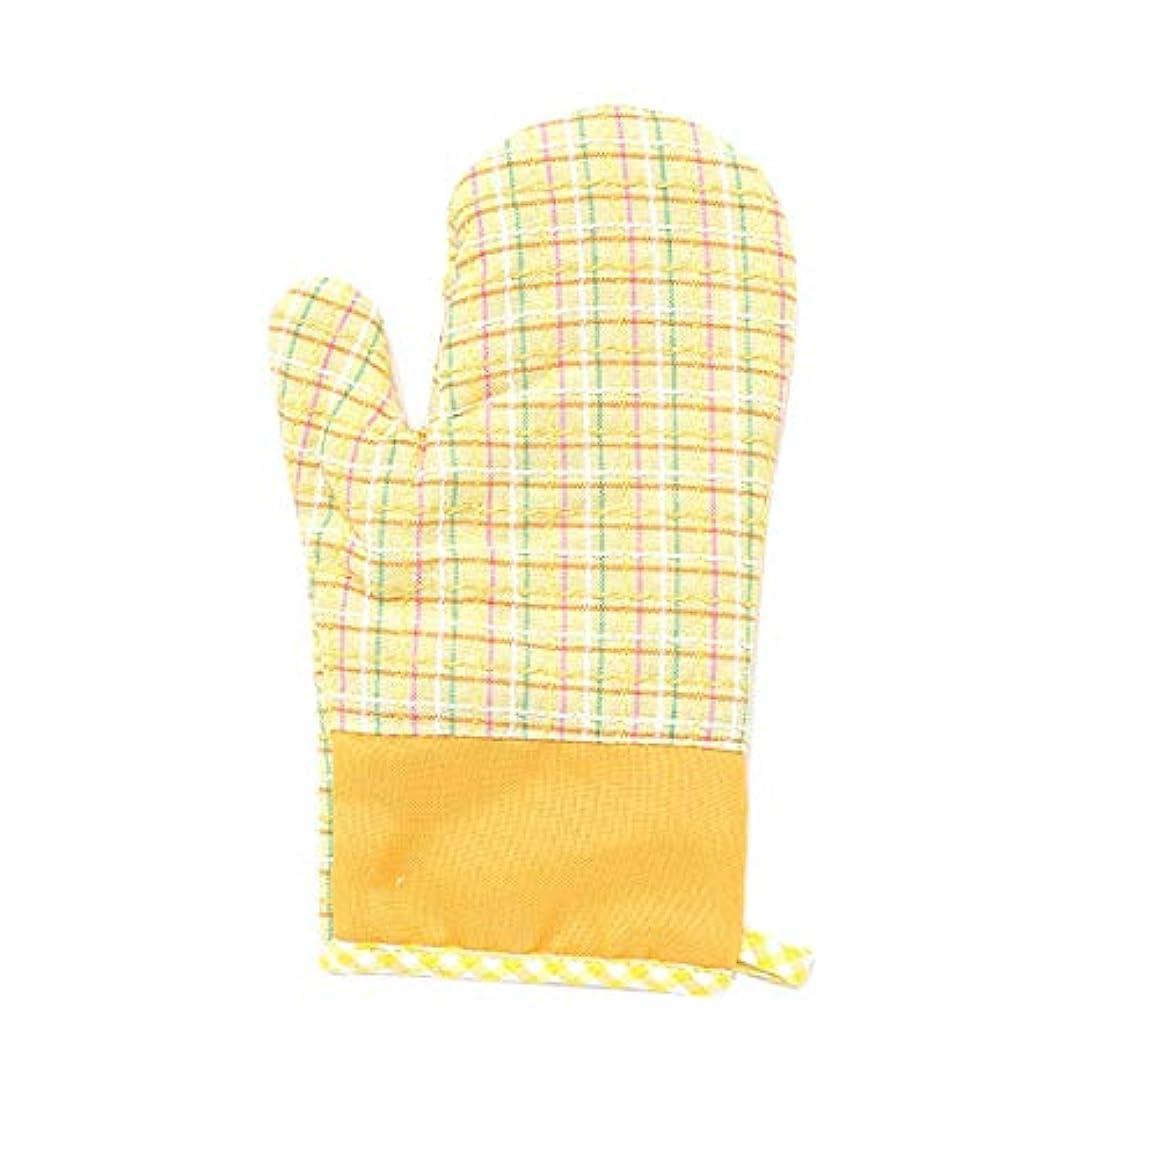 つかむ母性可塑性Xianheng1 電子レンジ手袋 手袋 電子レンジ 断熱手袋 耐熱手袋 キッチン用手袋 調理用手袋 キッチン手袋 耐熱ミトン 焼き付き防止手袋 断熱火傷防止 焼け止め 2個 イエロー